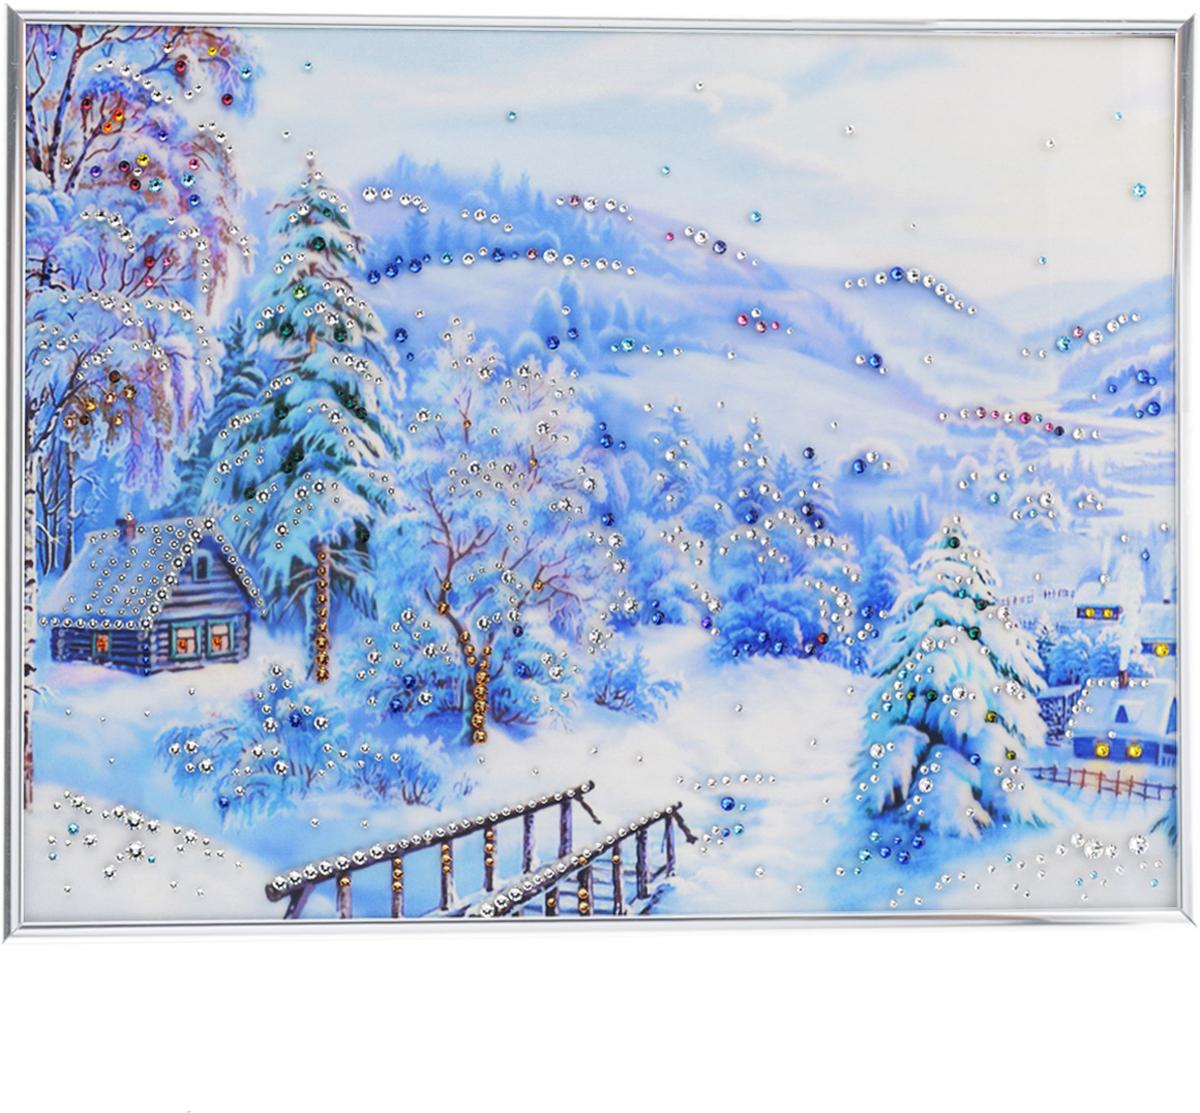 Картина с кристаллами Swarovski Зима, 40 х 30 см1109Изящная картина в металлической раме, инкрустирована кристаллами Swarovski, которые отличаются четкой и ровной огранкой, ярким блеском и чистотой цвета. Красочное изображение зимнего пейзажа, расположенное под стеклом, прекрасно дополняет блеск кристаллов. С обратной стороны имеется металлическая петелька для размещения картины на стене.Картина с кристаллами Swarovski Зима элегантно украсит интерьер дома или офиса, а также станет прекрасным подарком, который обязательно понравится получателю. Блеск кристаллов в интерьере, что может быть сказочнее и удивительнее.Картина упакована в подарочную картонную коробку синего цвета и комплектуется сертификатом соответствия Swarovski.